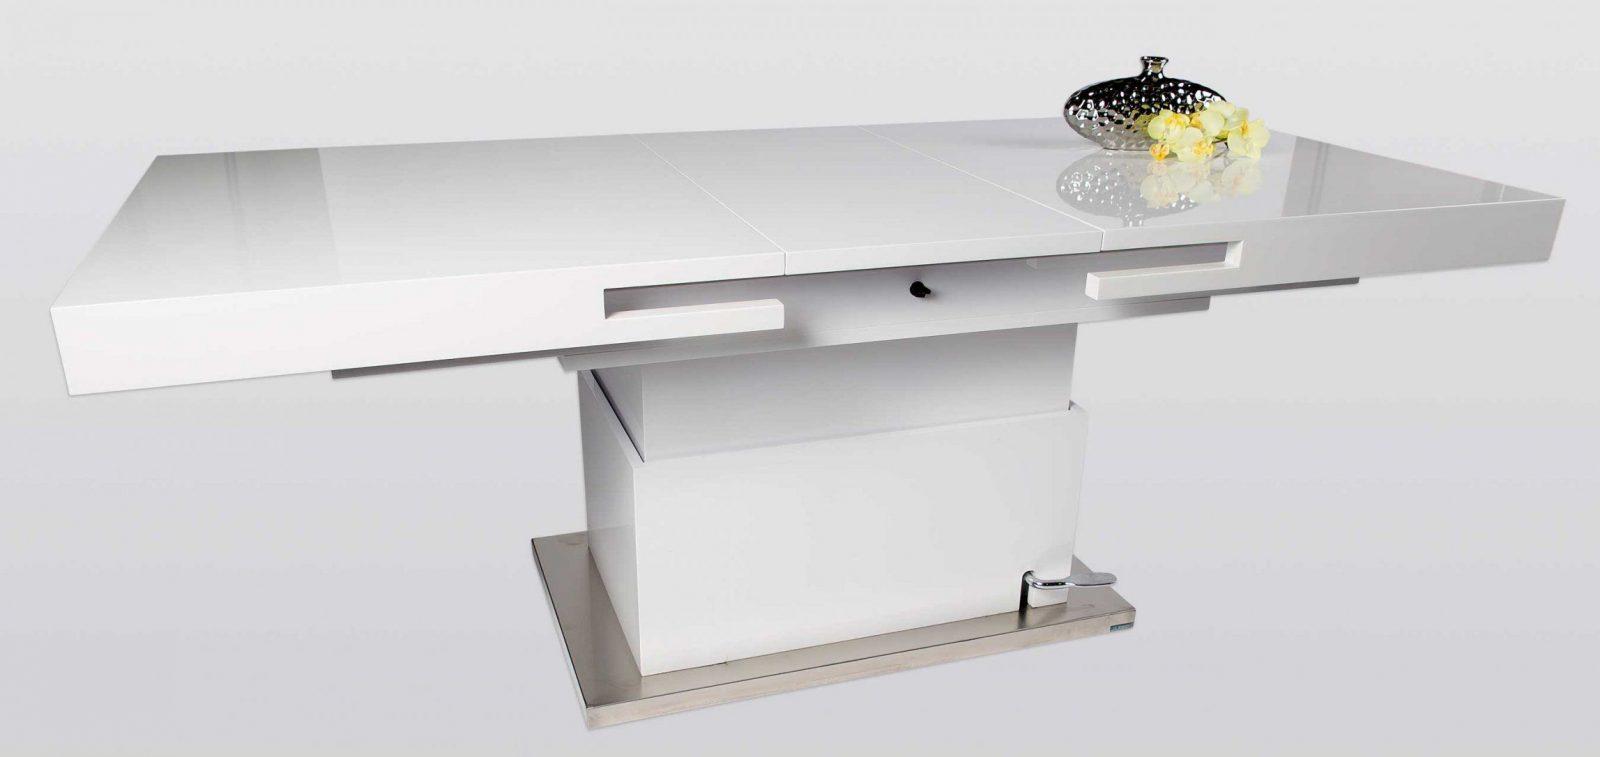 Hl Design Lennox Weißer Couchtisch Höhenverstellbar Ausziehbar von Couchtisch Höhenverstellbar Ausziehbar Glas Bild